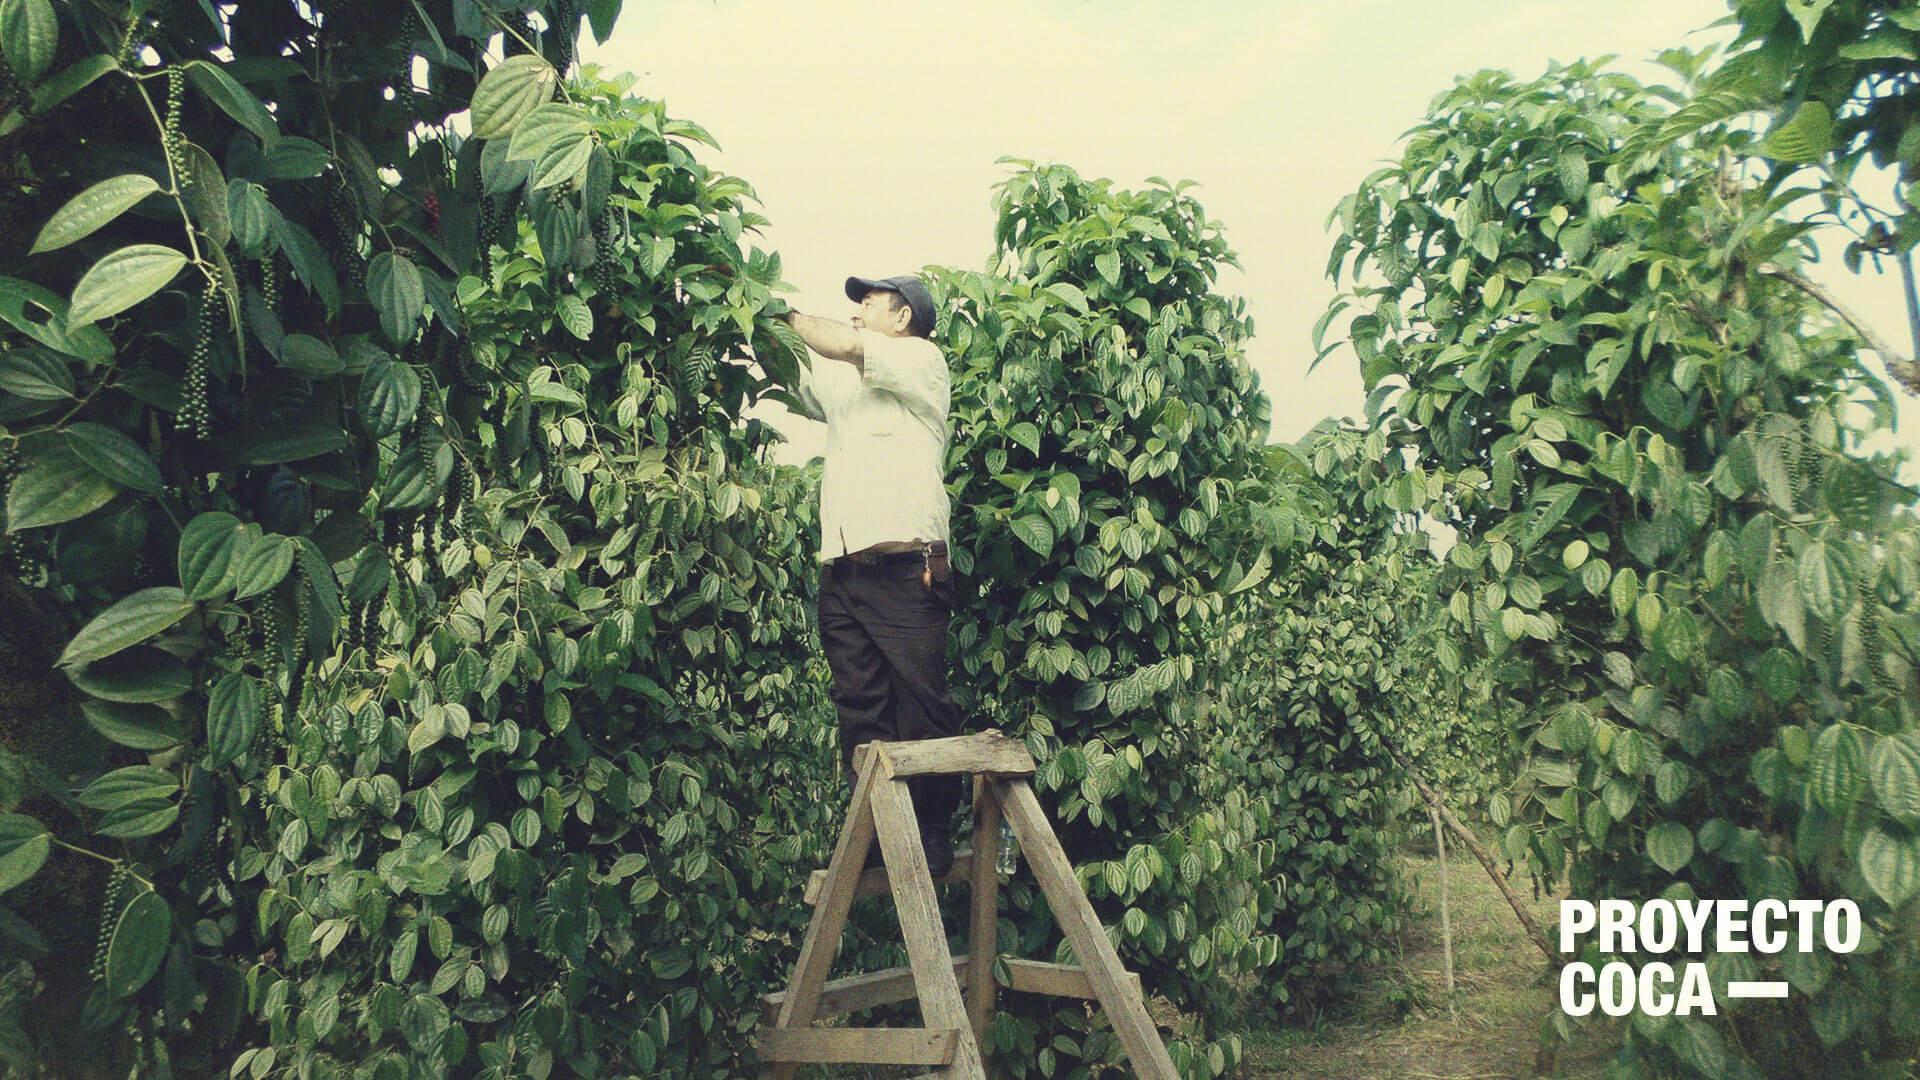 El contrabando está arruinando este caso exitoso de sustitución de coca